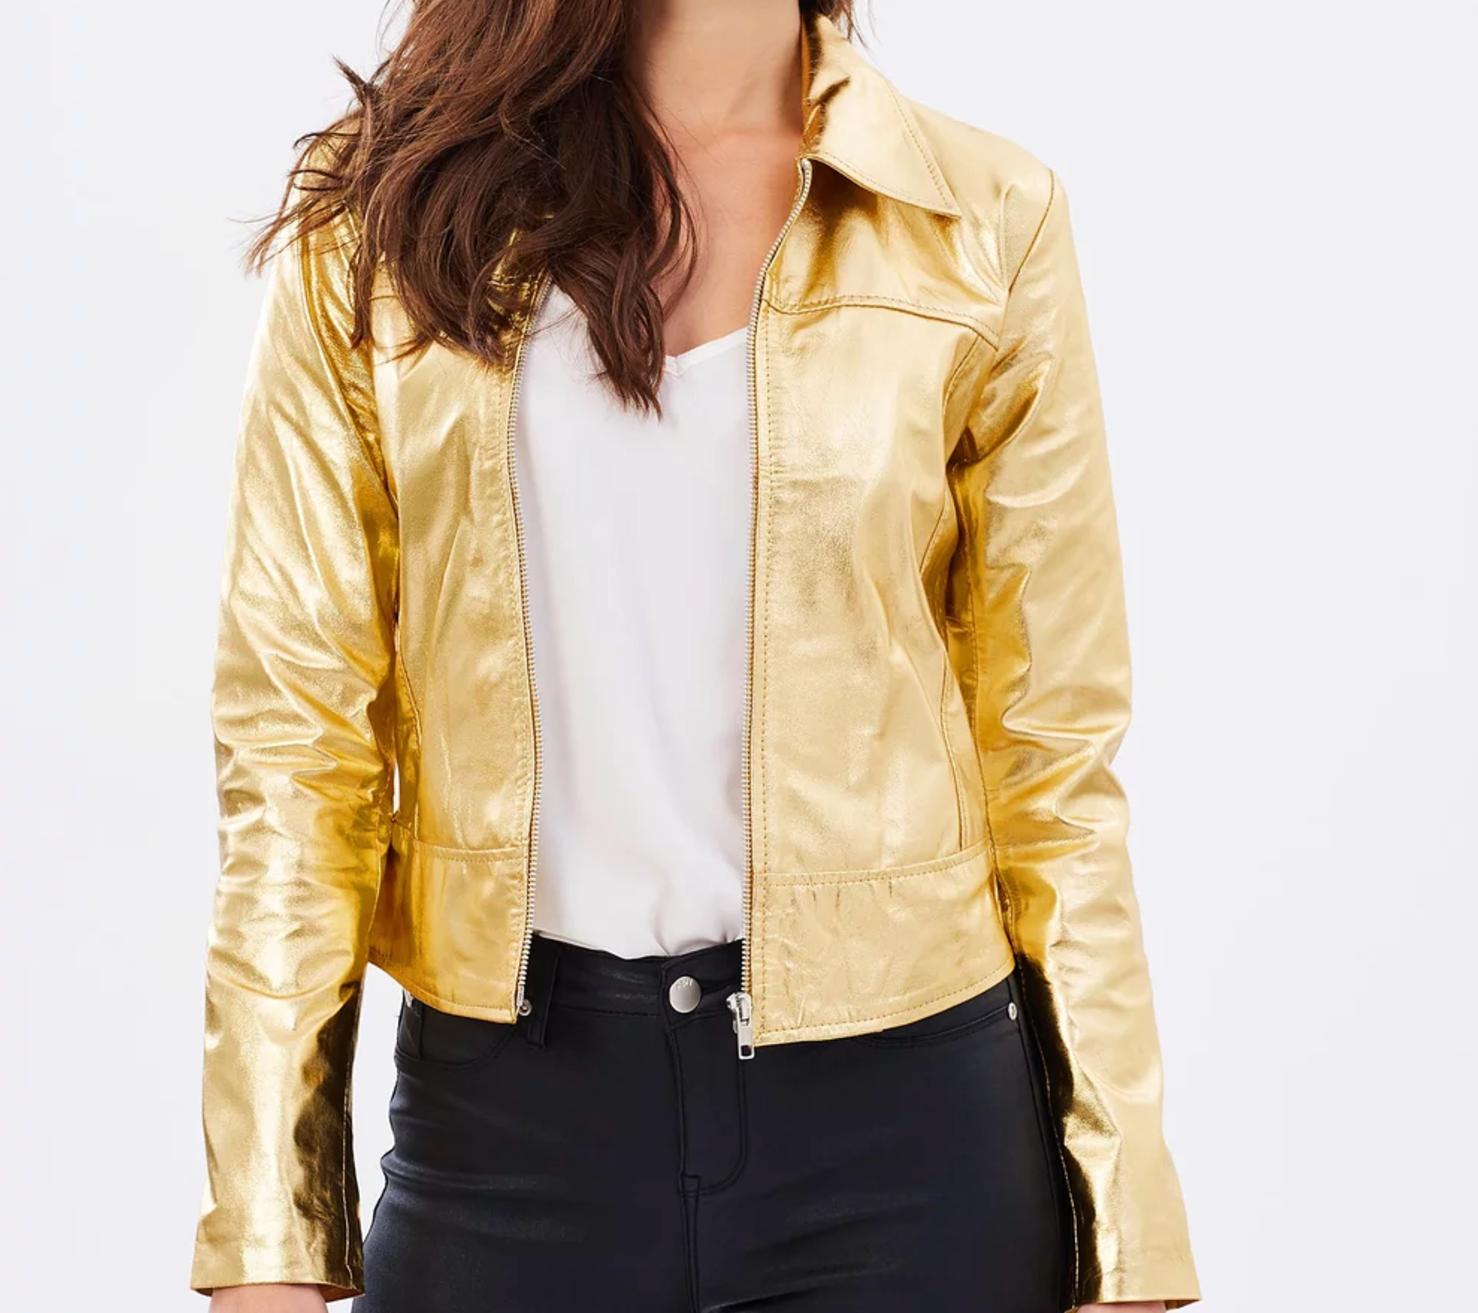 Wheels & Dollbaby crash leather jacket